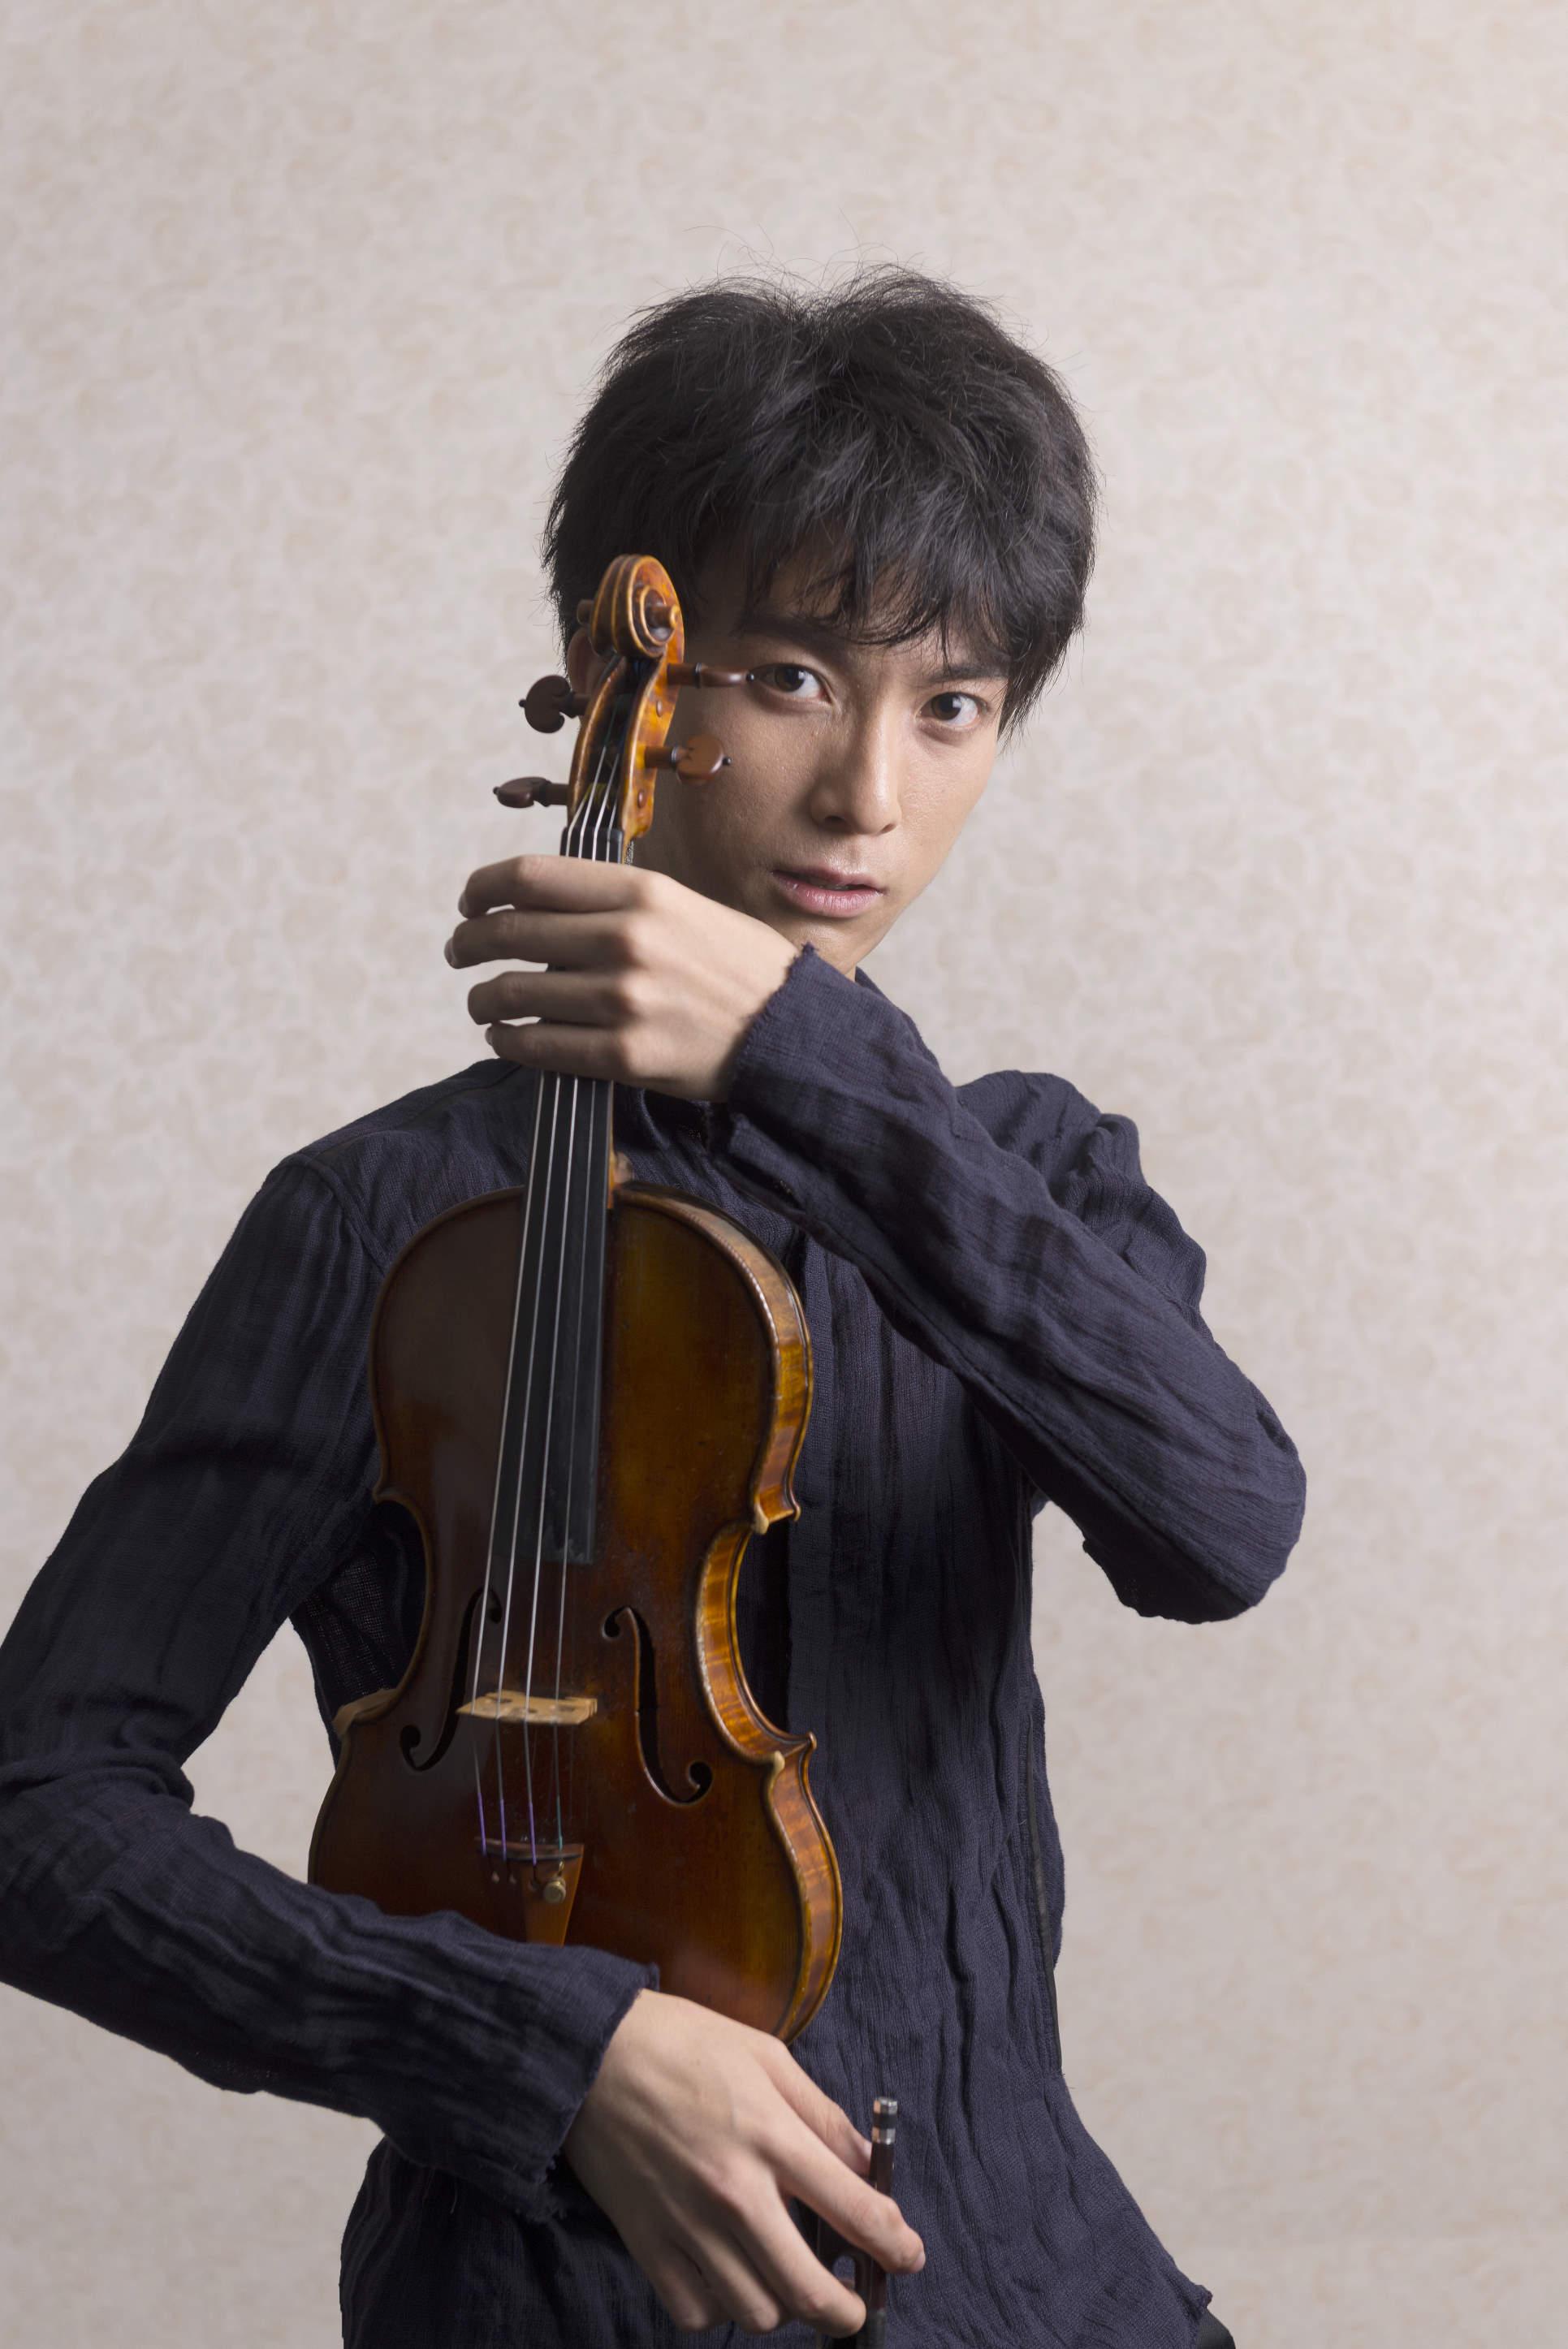 画像:(c)K.Miura